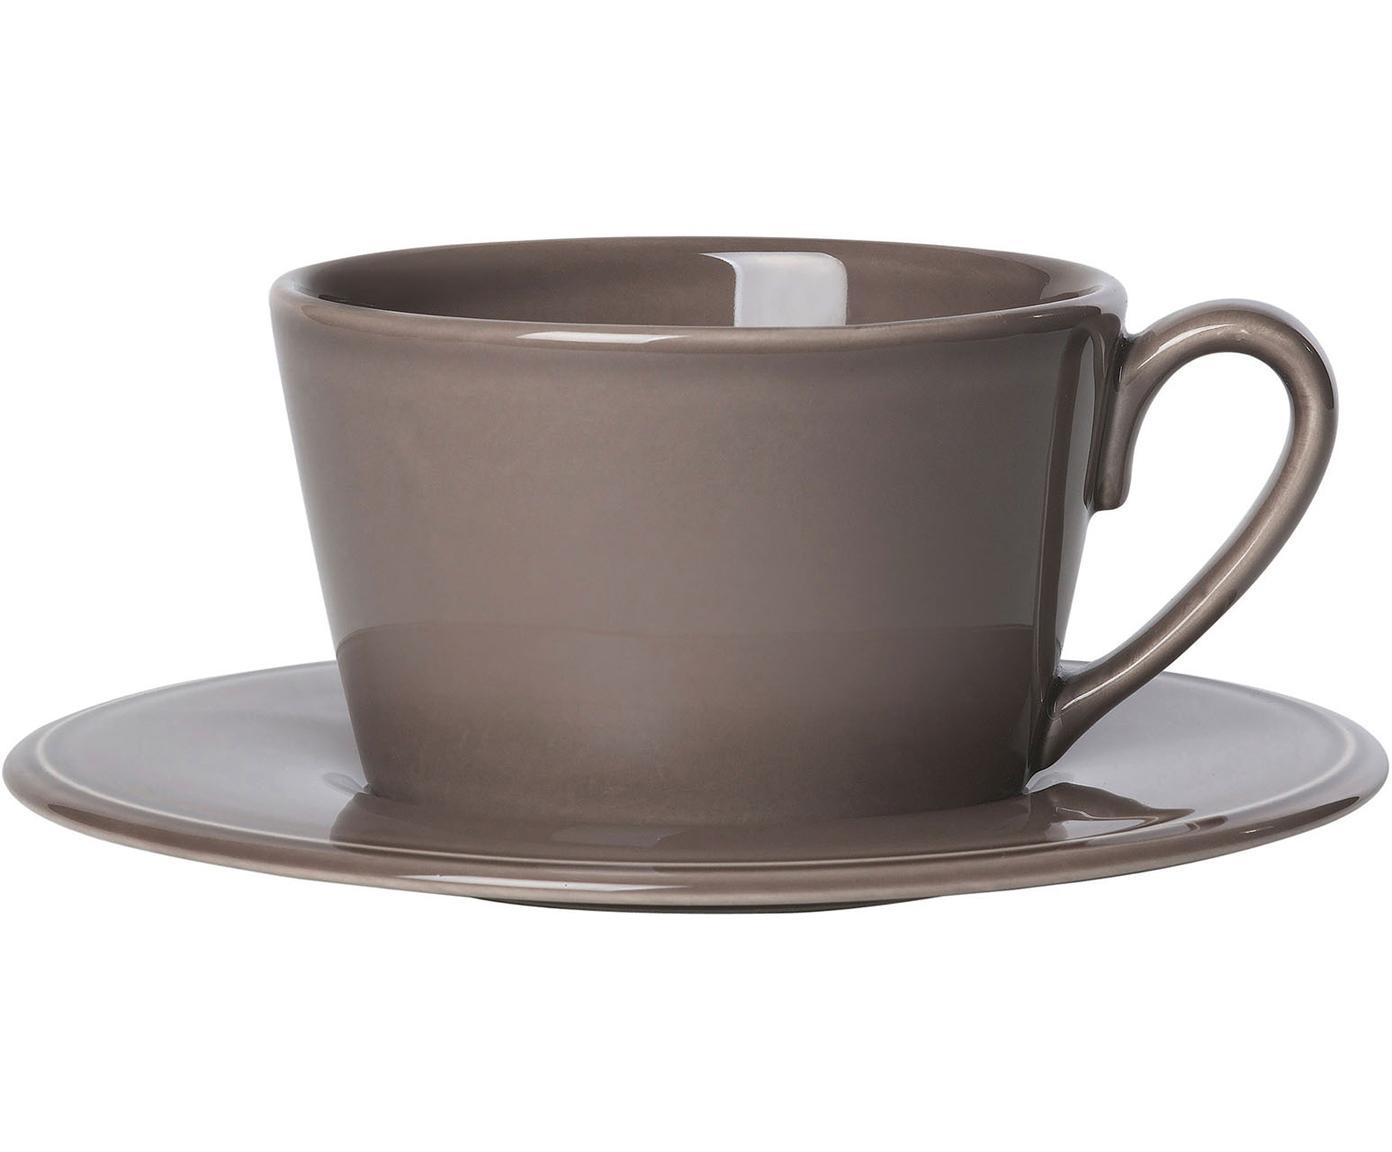 Taza de té con platito Constance, Gres, Marrón, Ø 19 x Al 8 cm